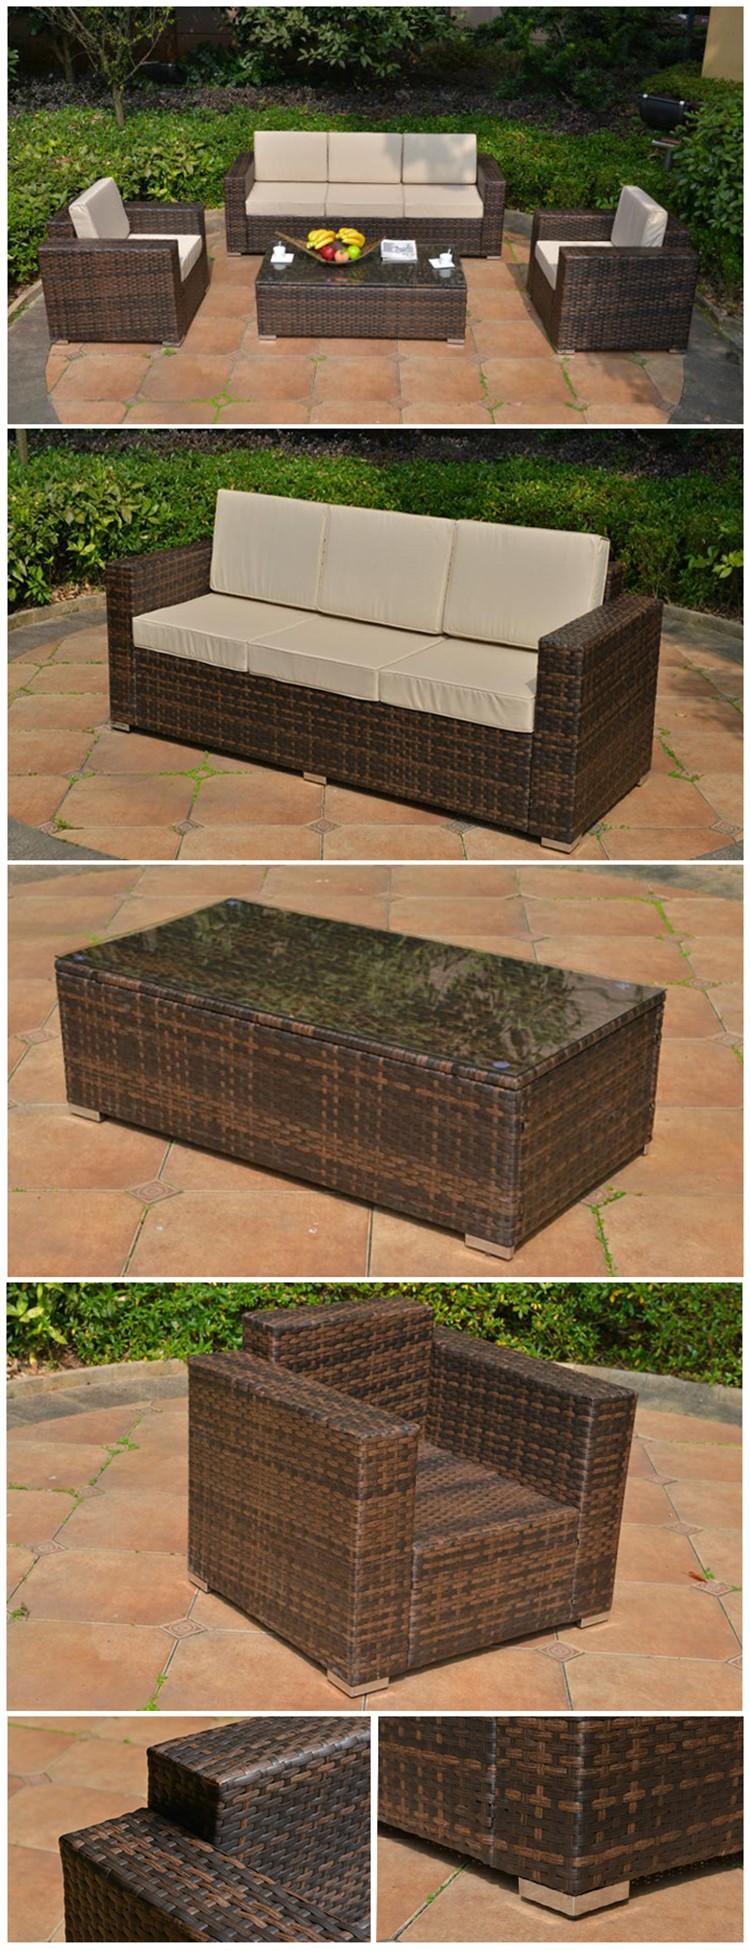 Sala Set Shaped Set Malaysia Wood Sofa Sets Furniture Buy Malaysia Wood Sofa Sets Furniture